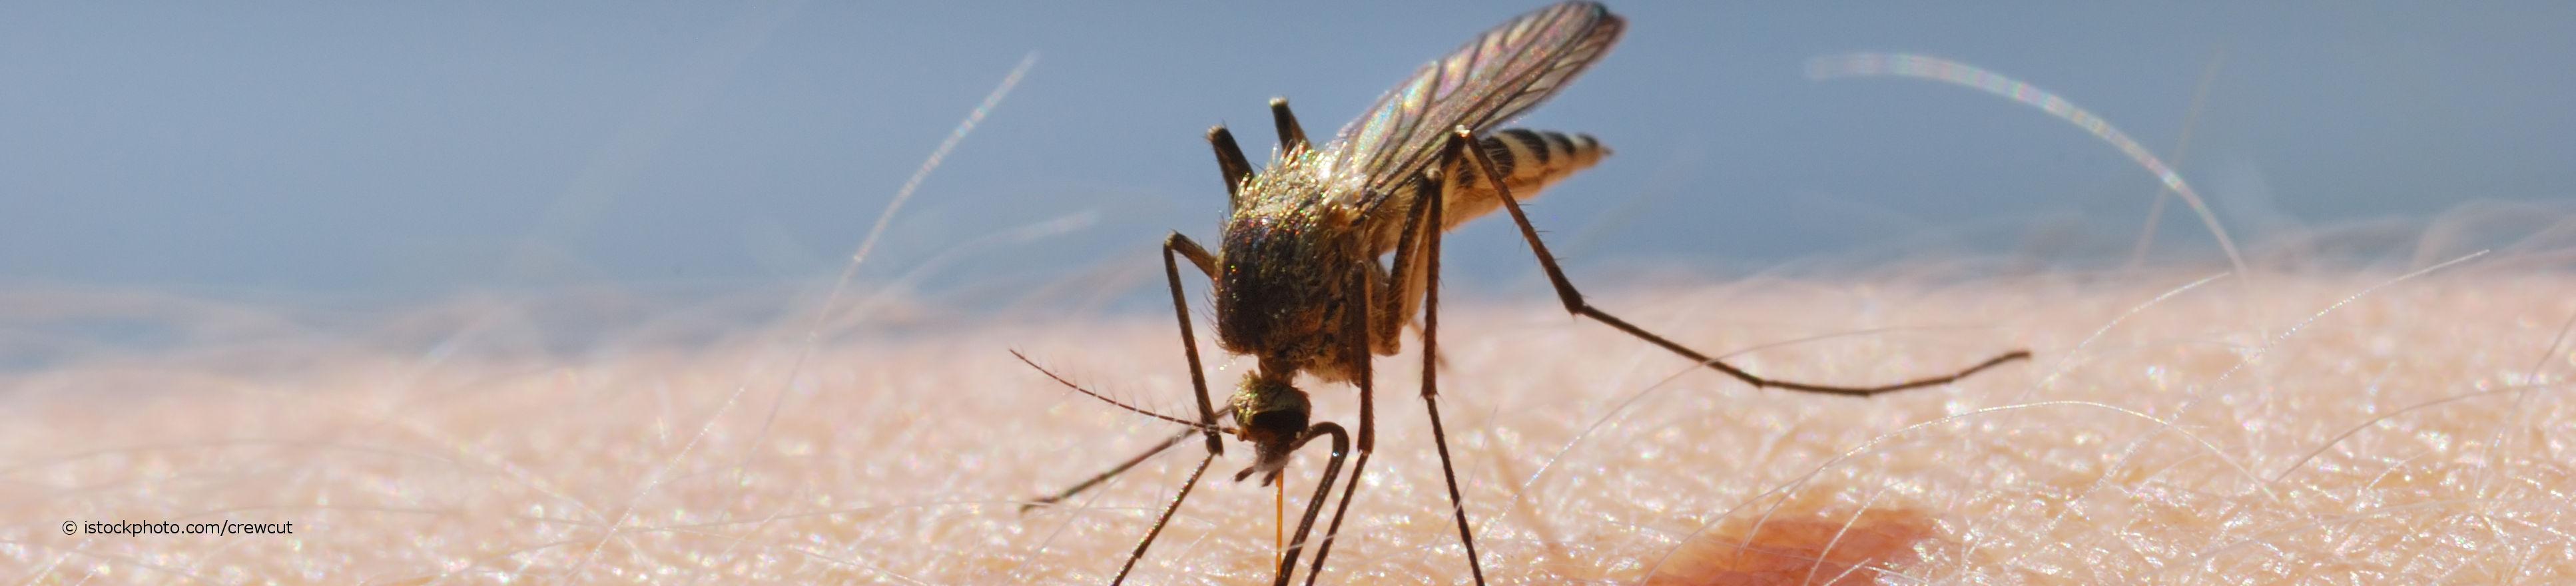 Malaria-Mücken der Gattung Anopheles können beim Stich den Einzeller Plasmodium übertragen.